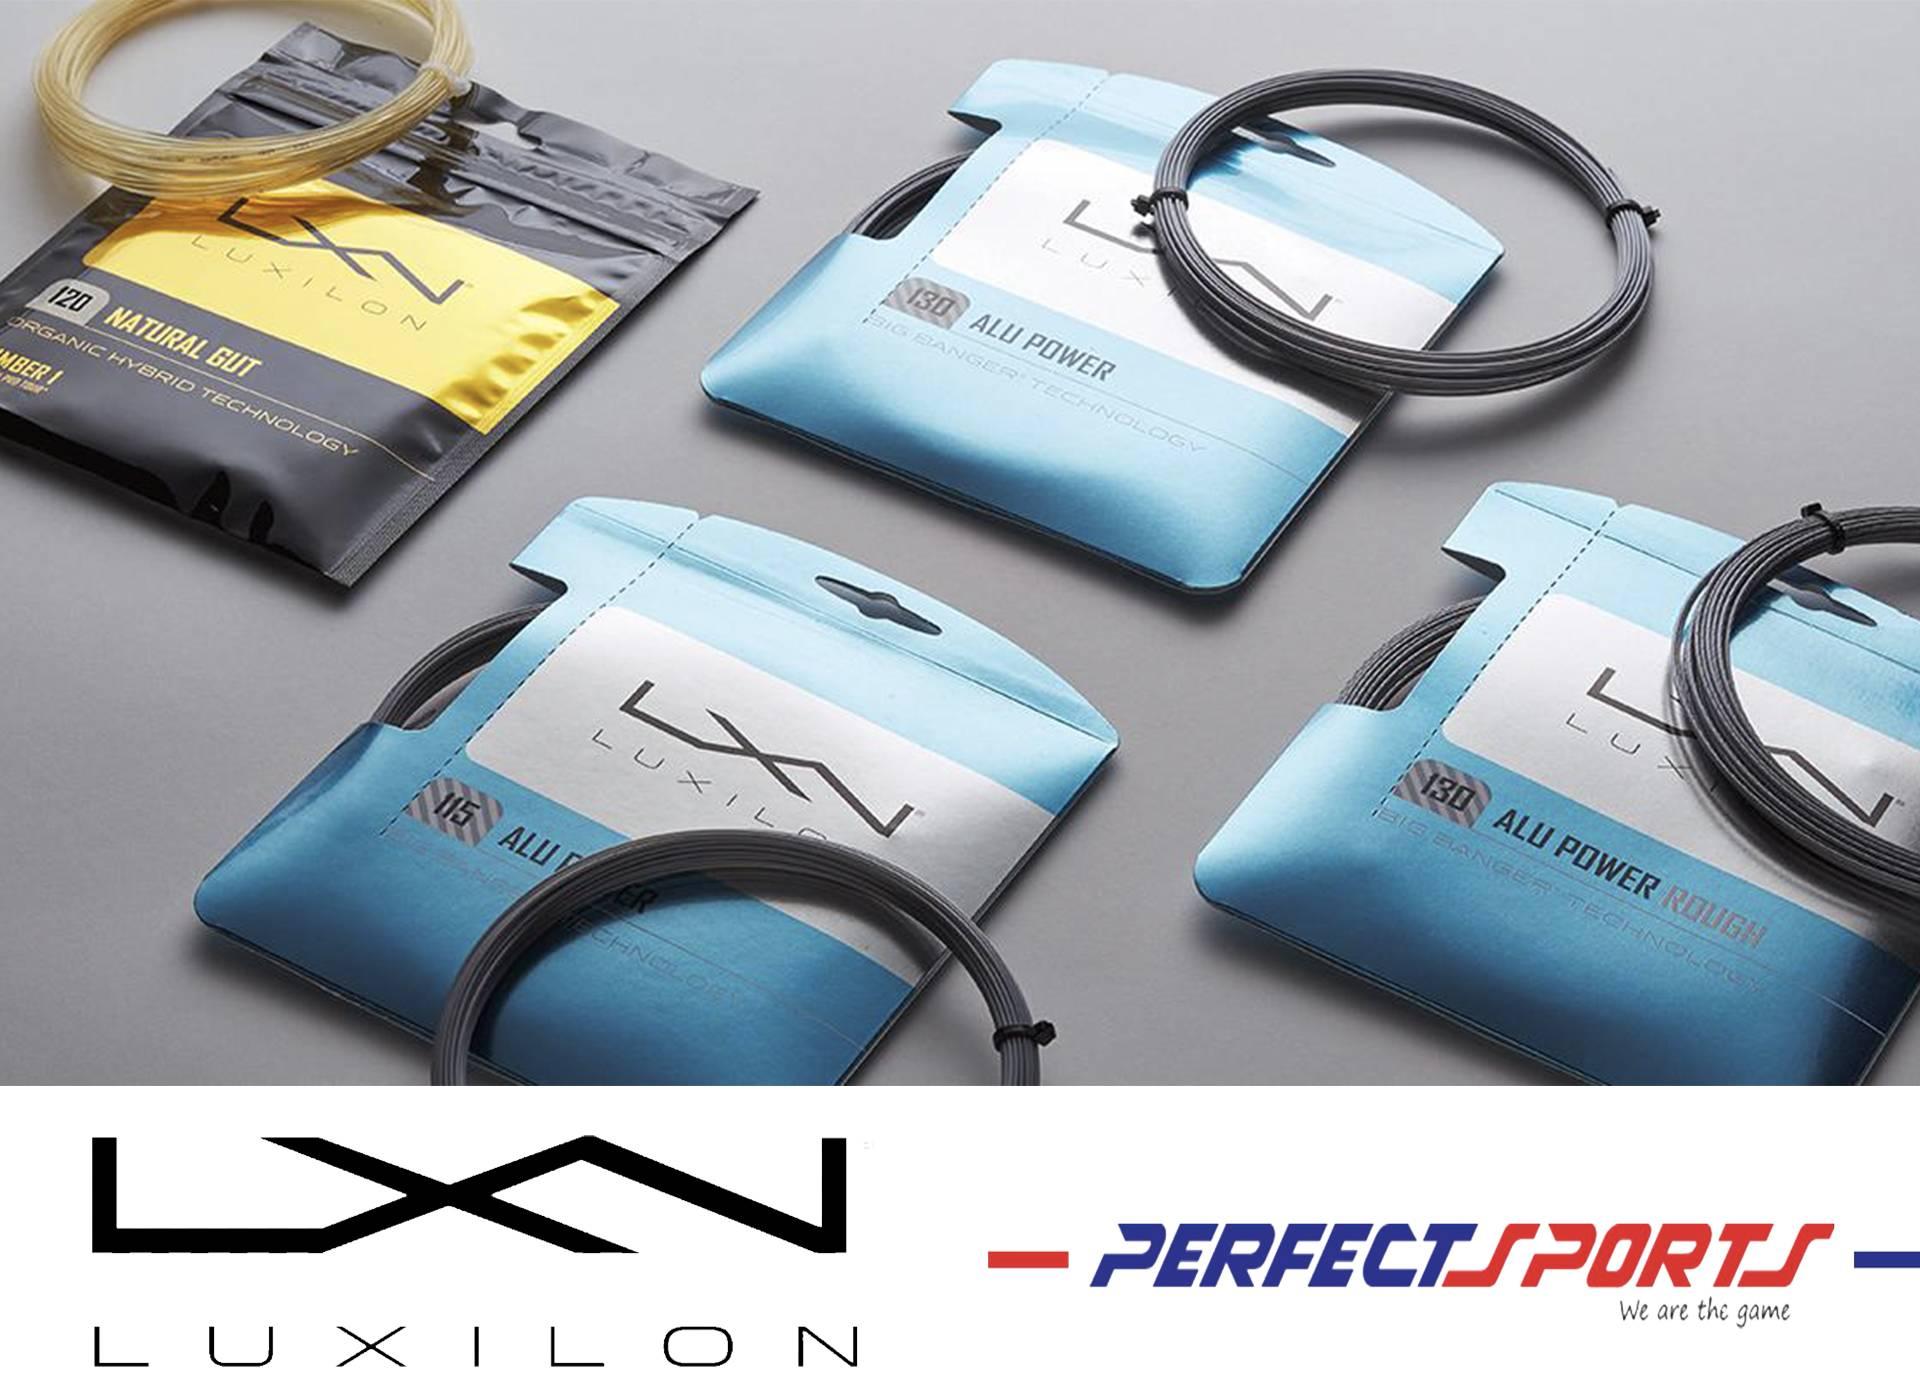 LXN luxilon x Perfect Sports